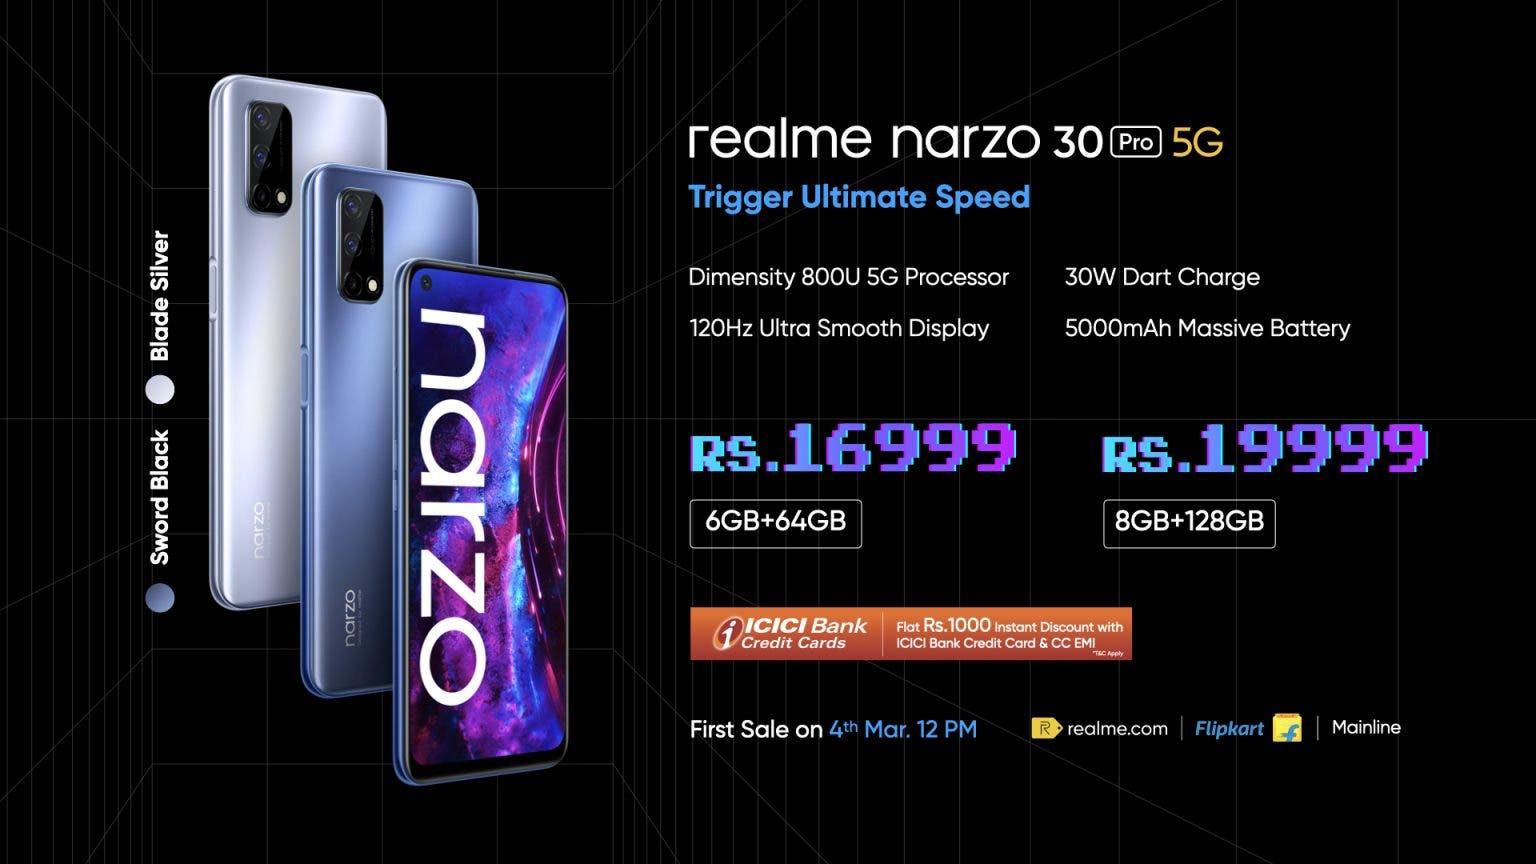 Realme представила смартфон Narzo 30 Pro с экраном 120 ГЦ и батареей 5000 мАч (narzo 30 pro 1536x864 1)